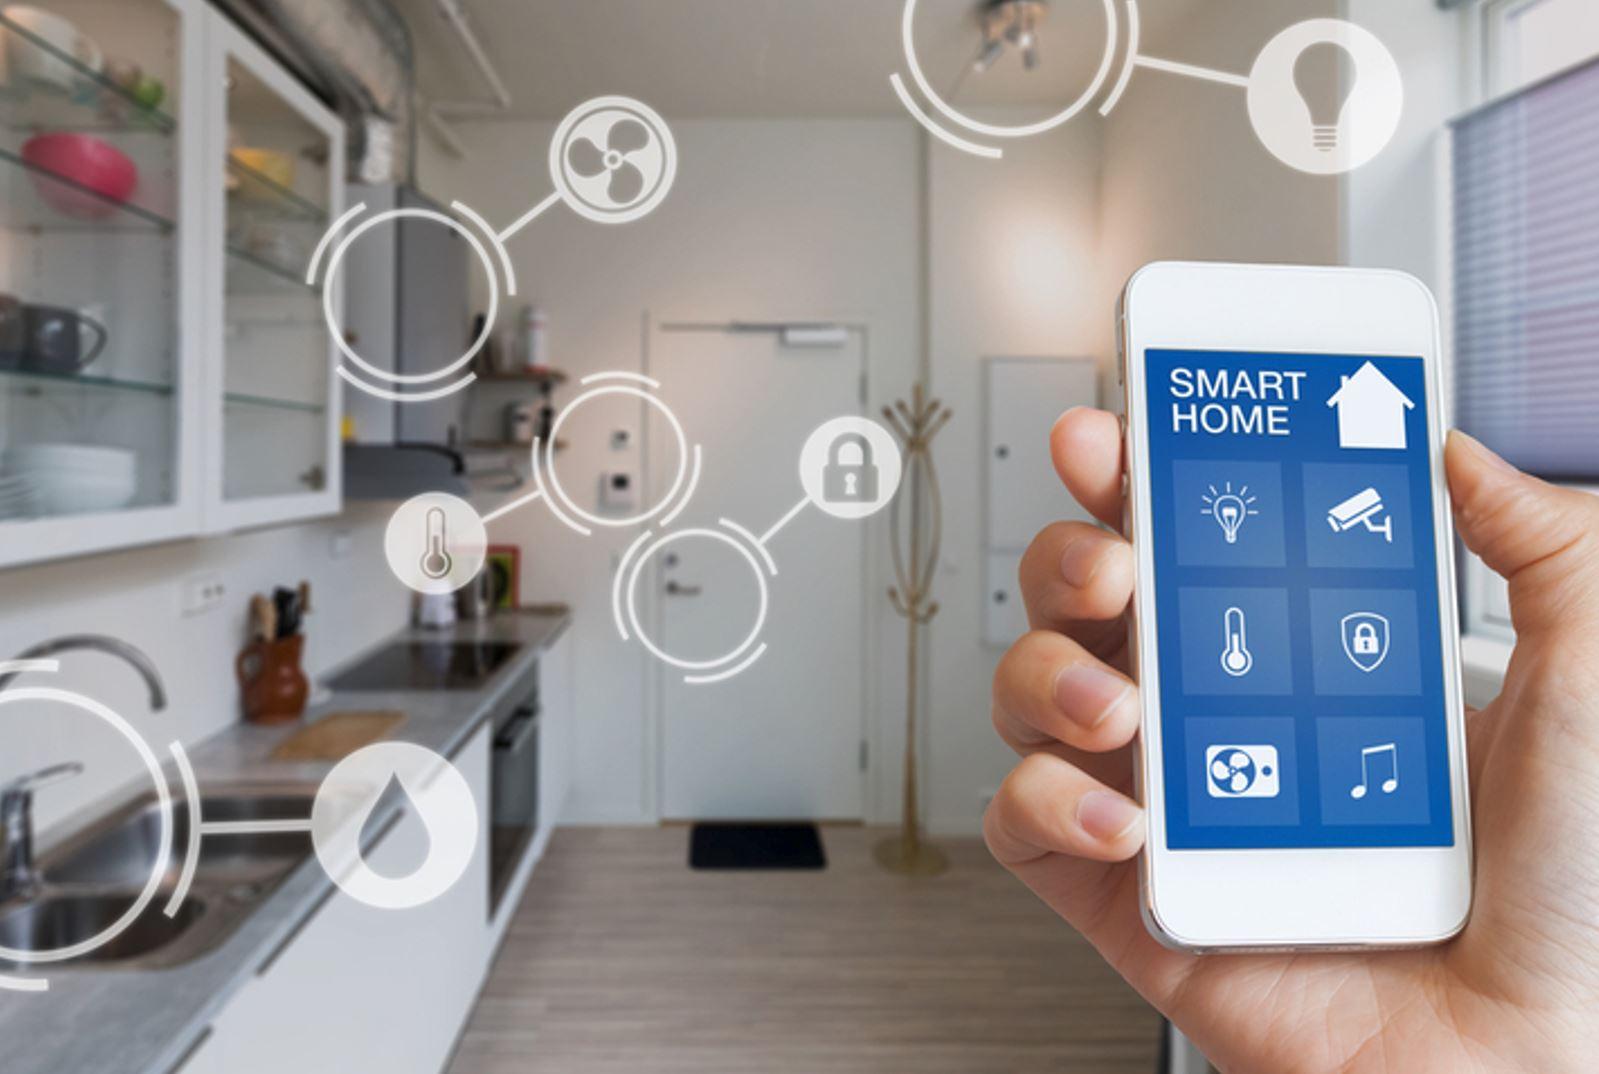 Smart home e smart device: il giusto mix per il risparmio energetico